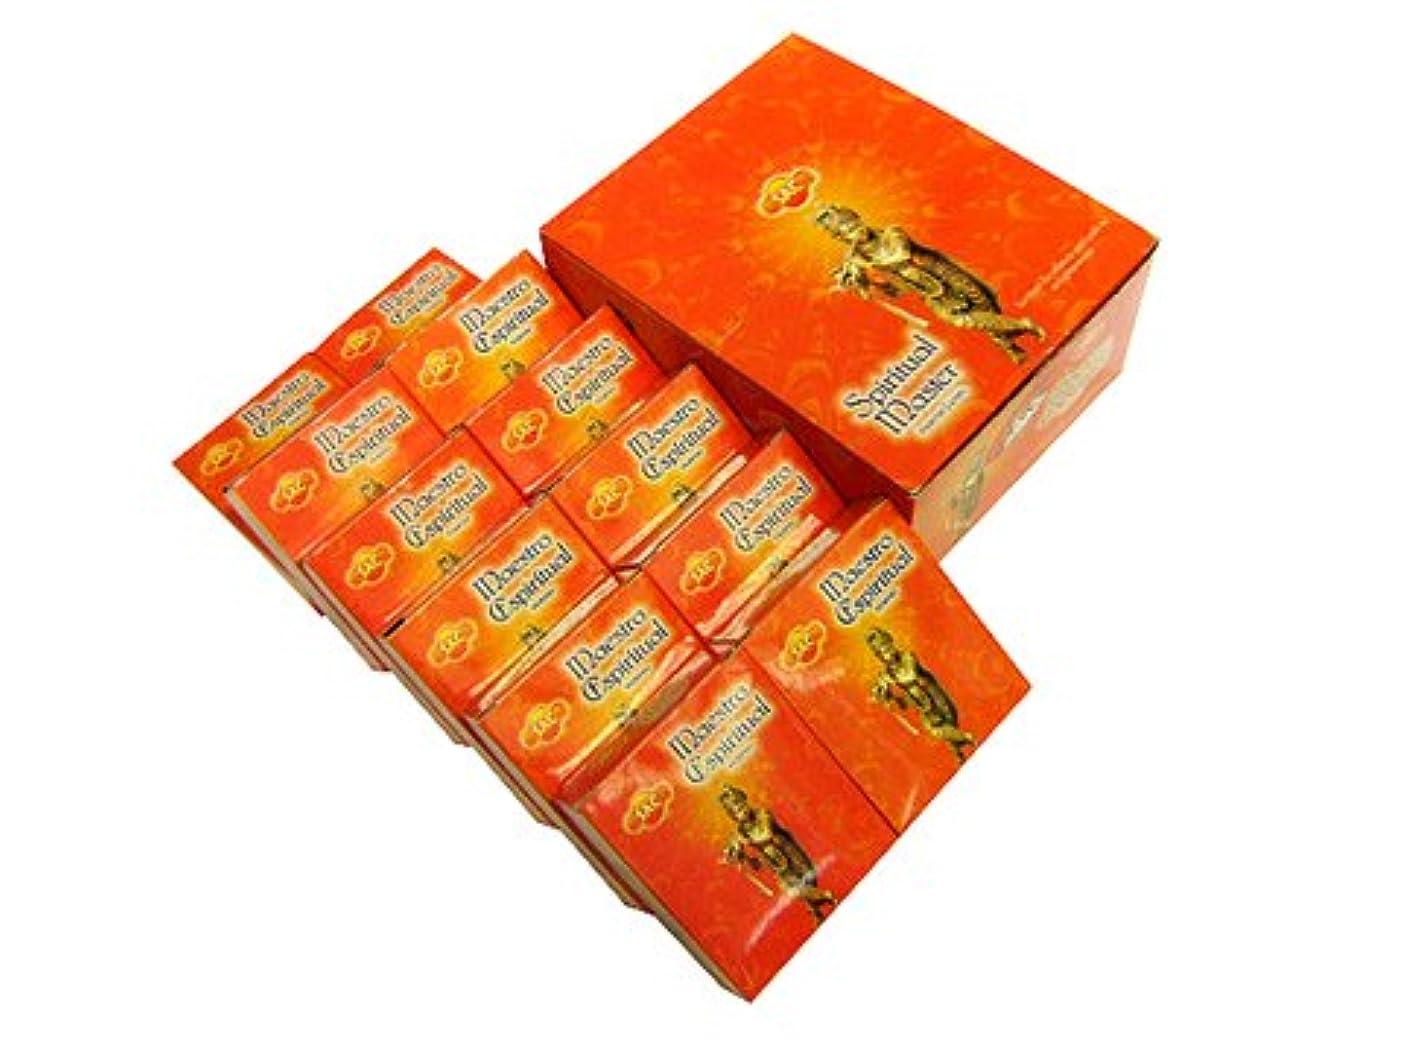 関税凍った音楽SANDESH SAC (サンデッシュ) スピリチュアルマスター香コーンタイプ SPIRITUAL MASTER CORN 12箱セット